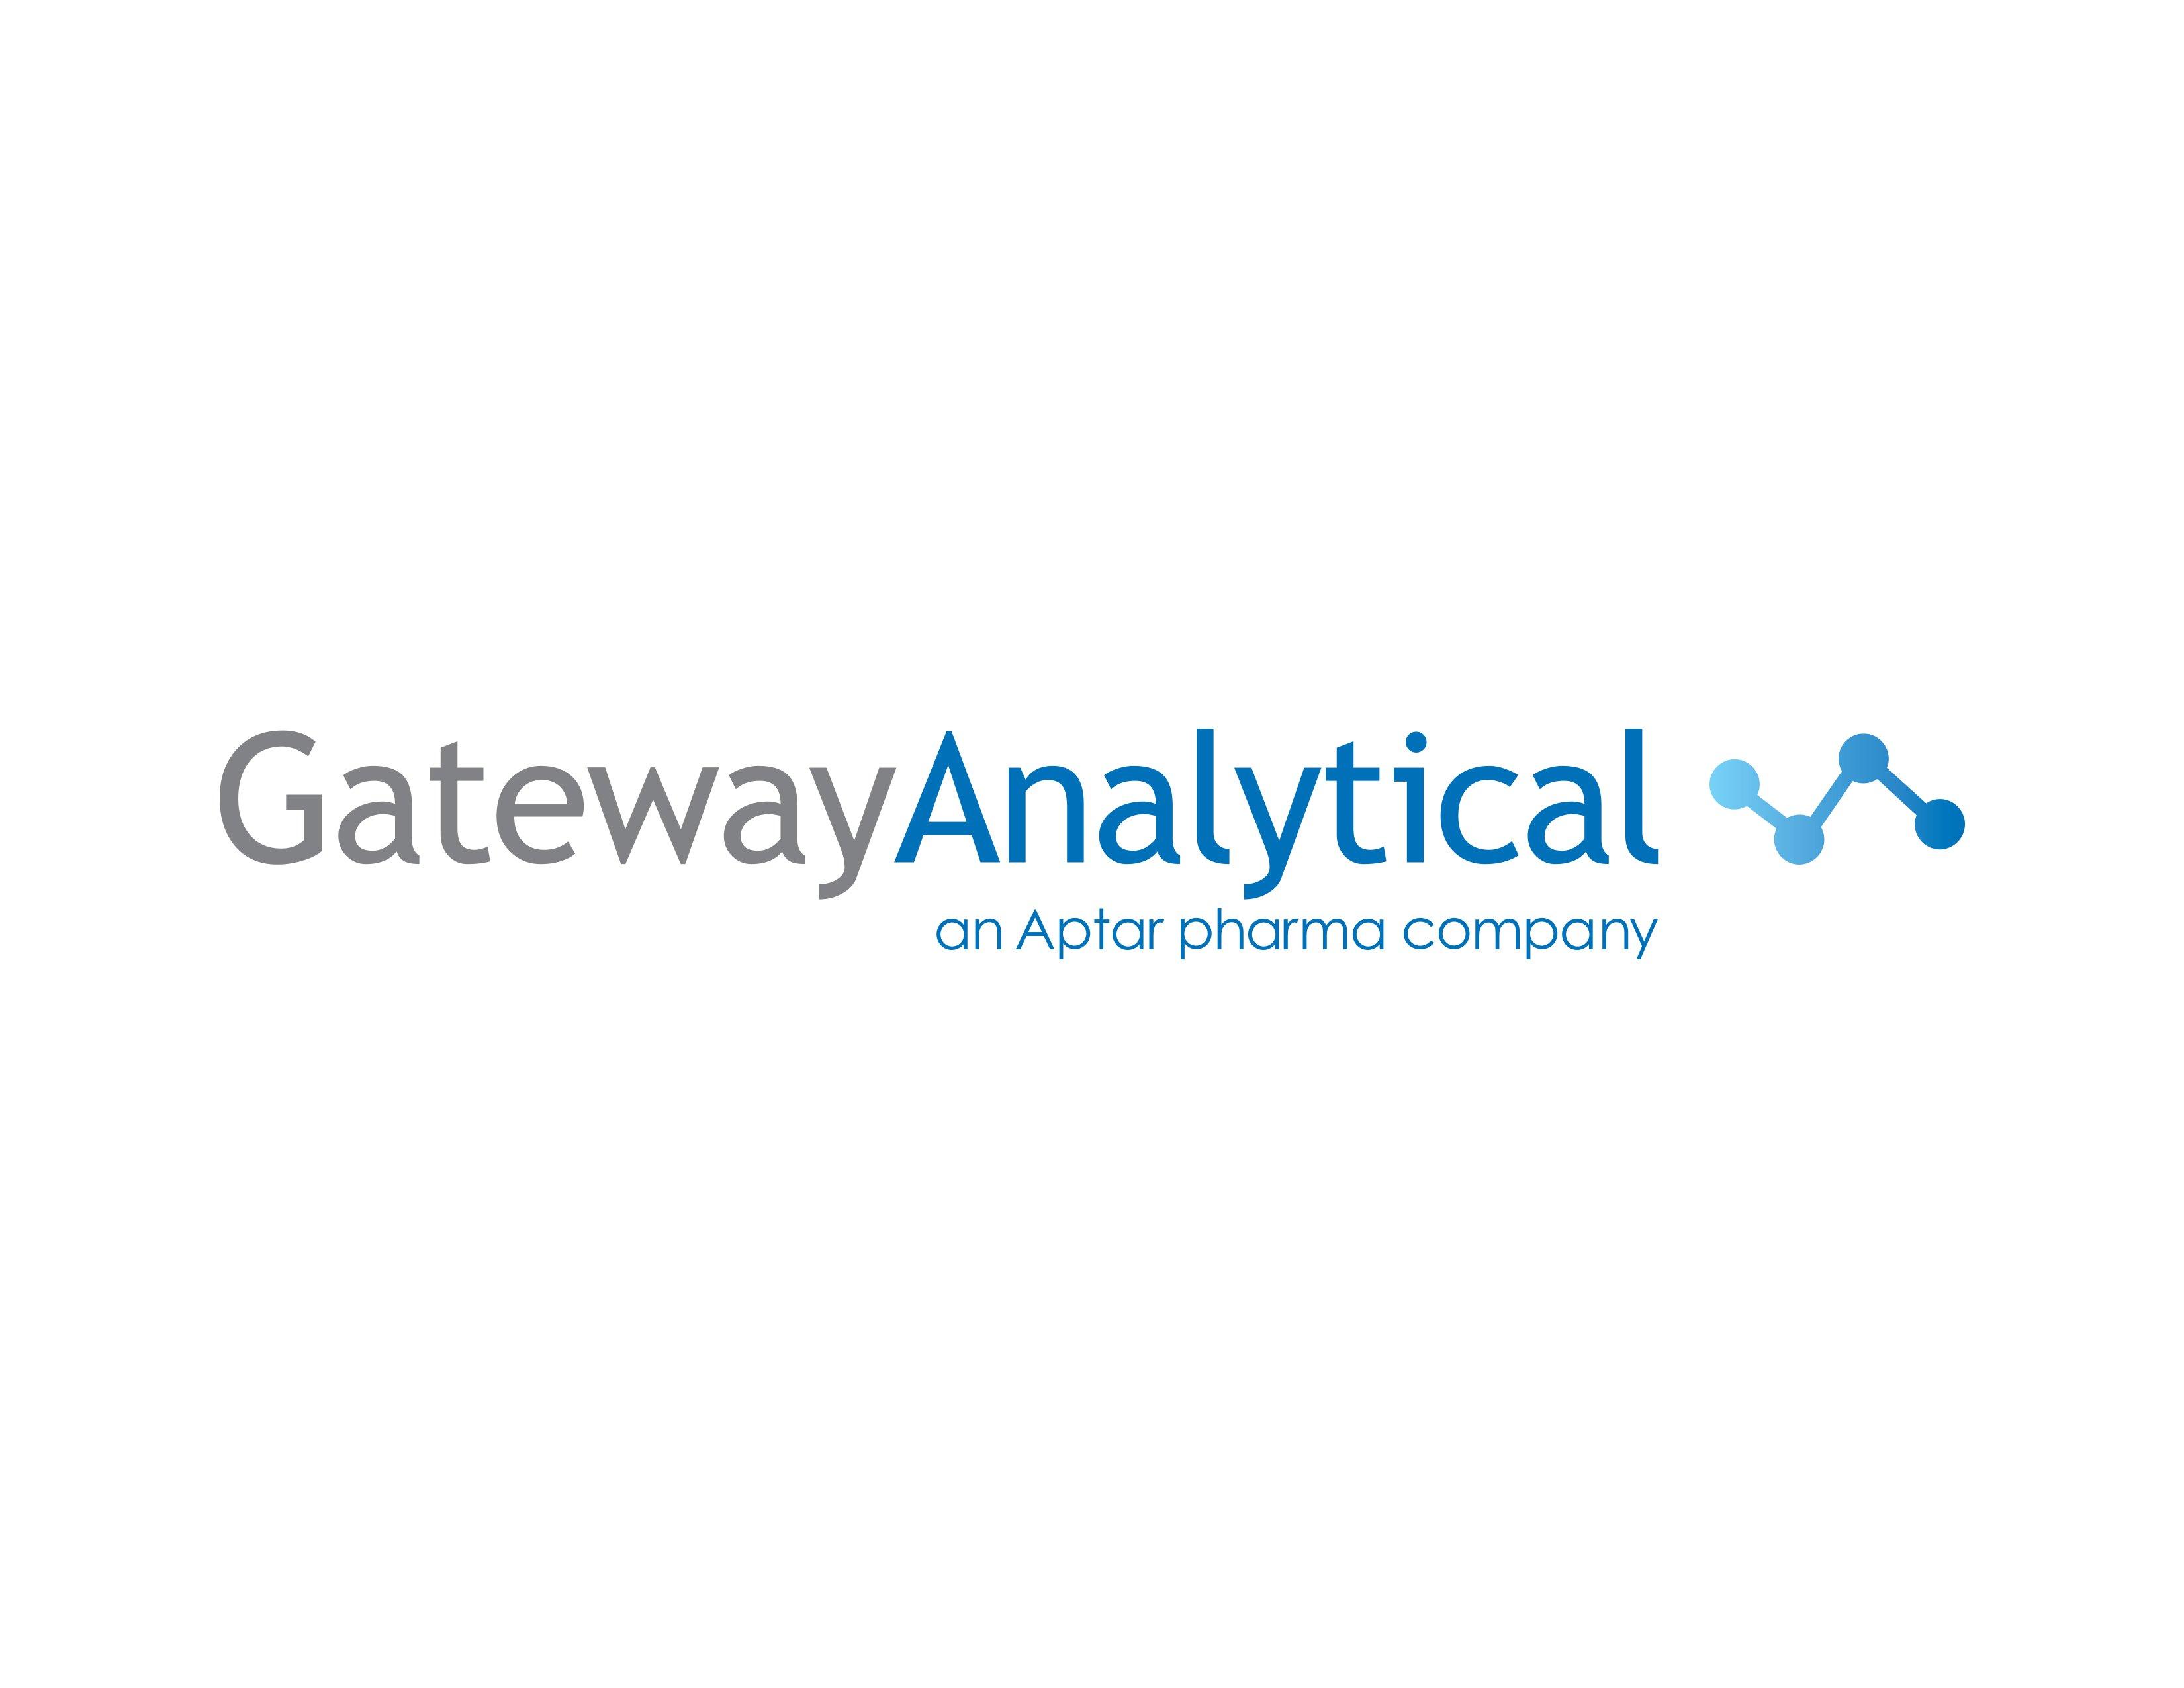 LOGO-Gateway-Analytical.png